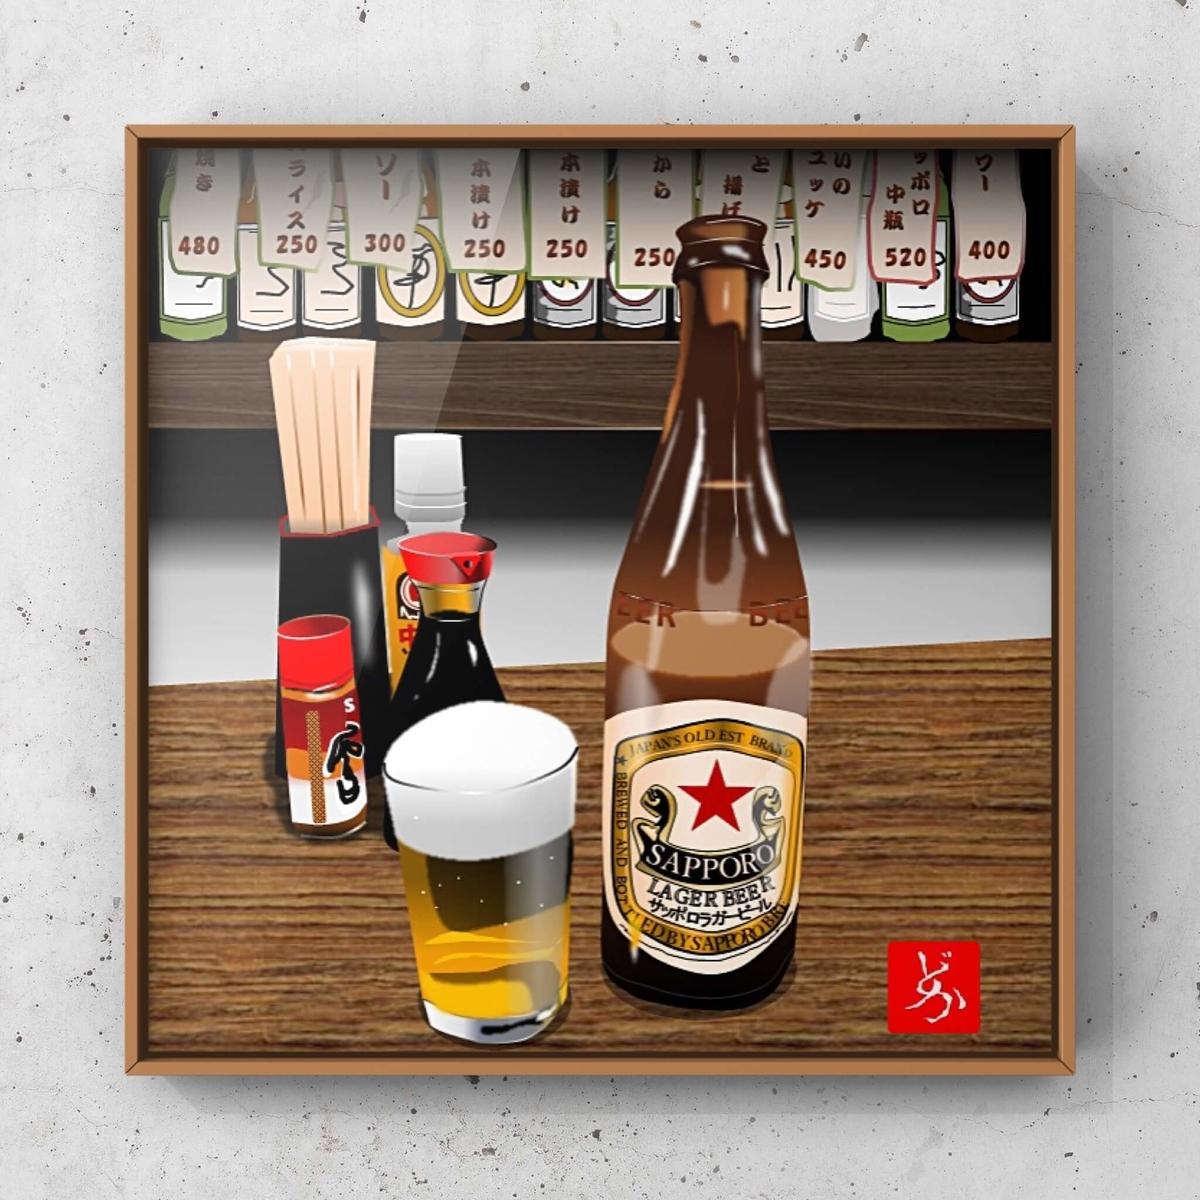 サッポロラガービール(赤星)のエクセル画イラスト額装版